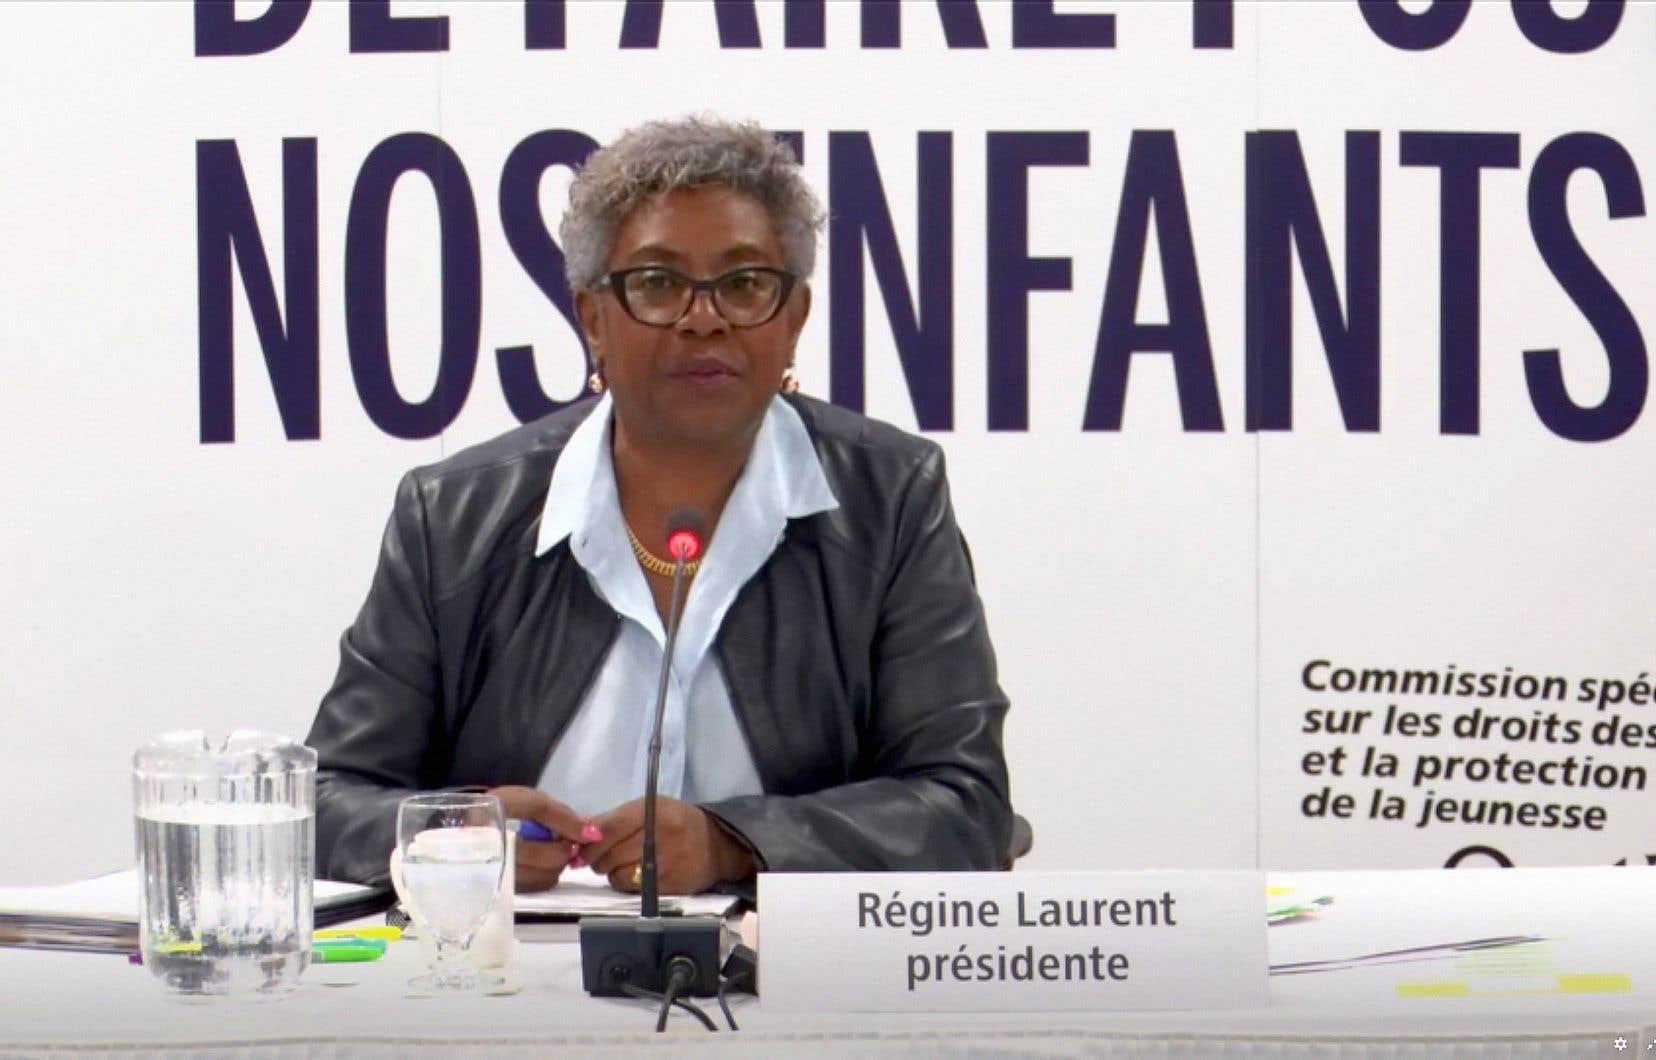 La Commission spéciale sur les droits des enfants et la protection de la jeunesse, présidée par Régine Laurent, a entendu plusieurs universitaires, mercredi, à Montréal.